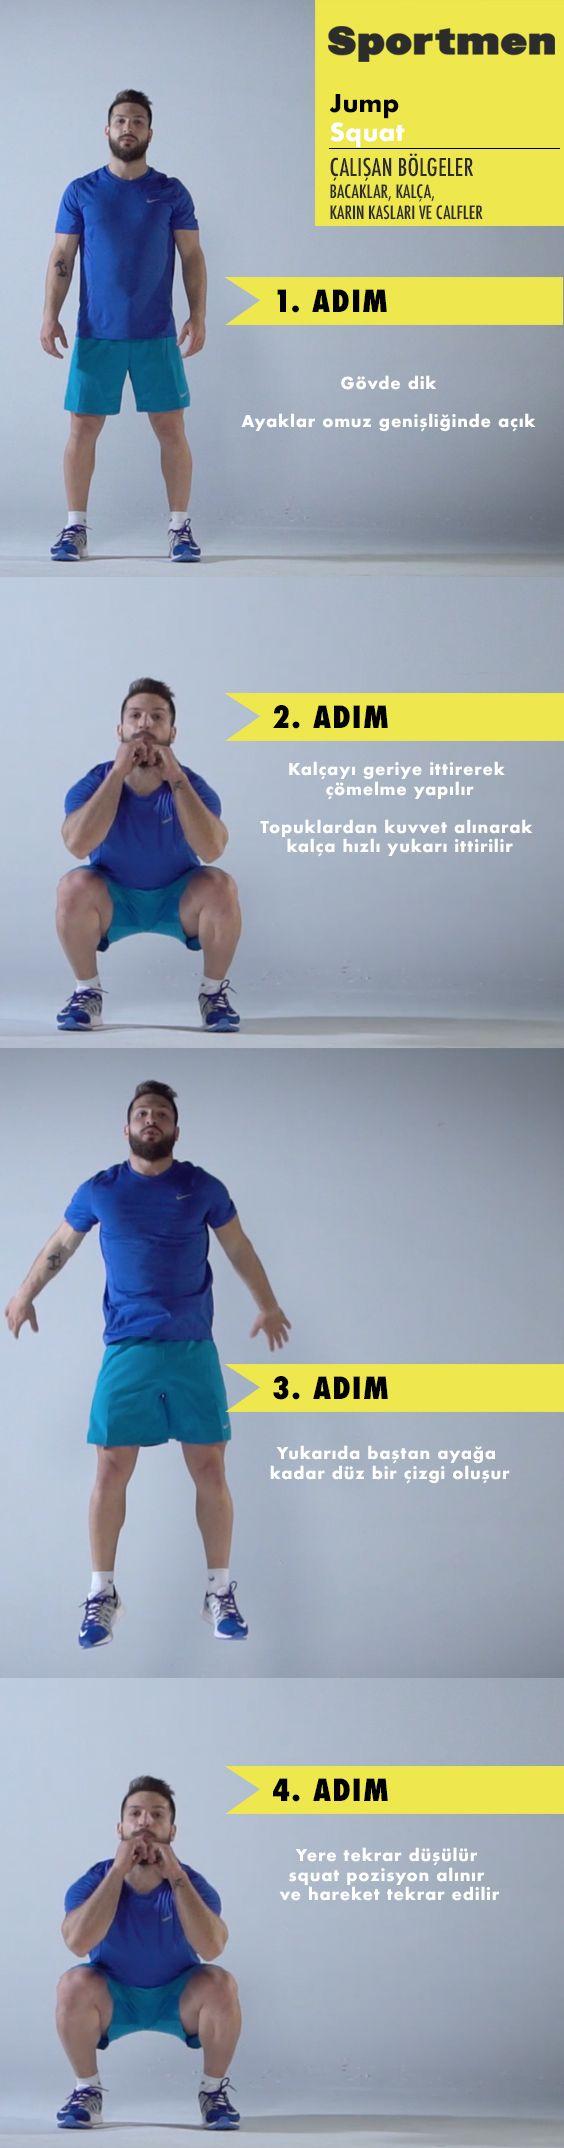 Bacak, kalça, karın kasları ve calfleri çalıştıran Jump Squat nasıl yapılır? #sportmen #fitness #egzersiz #training #spor #video